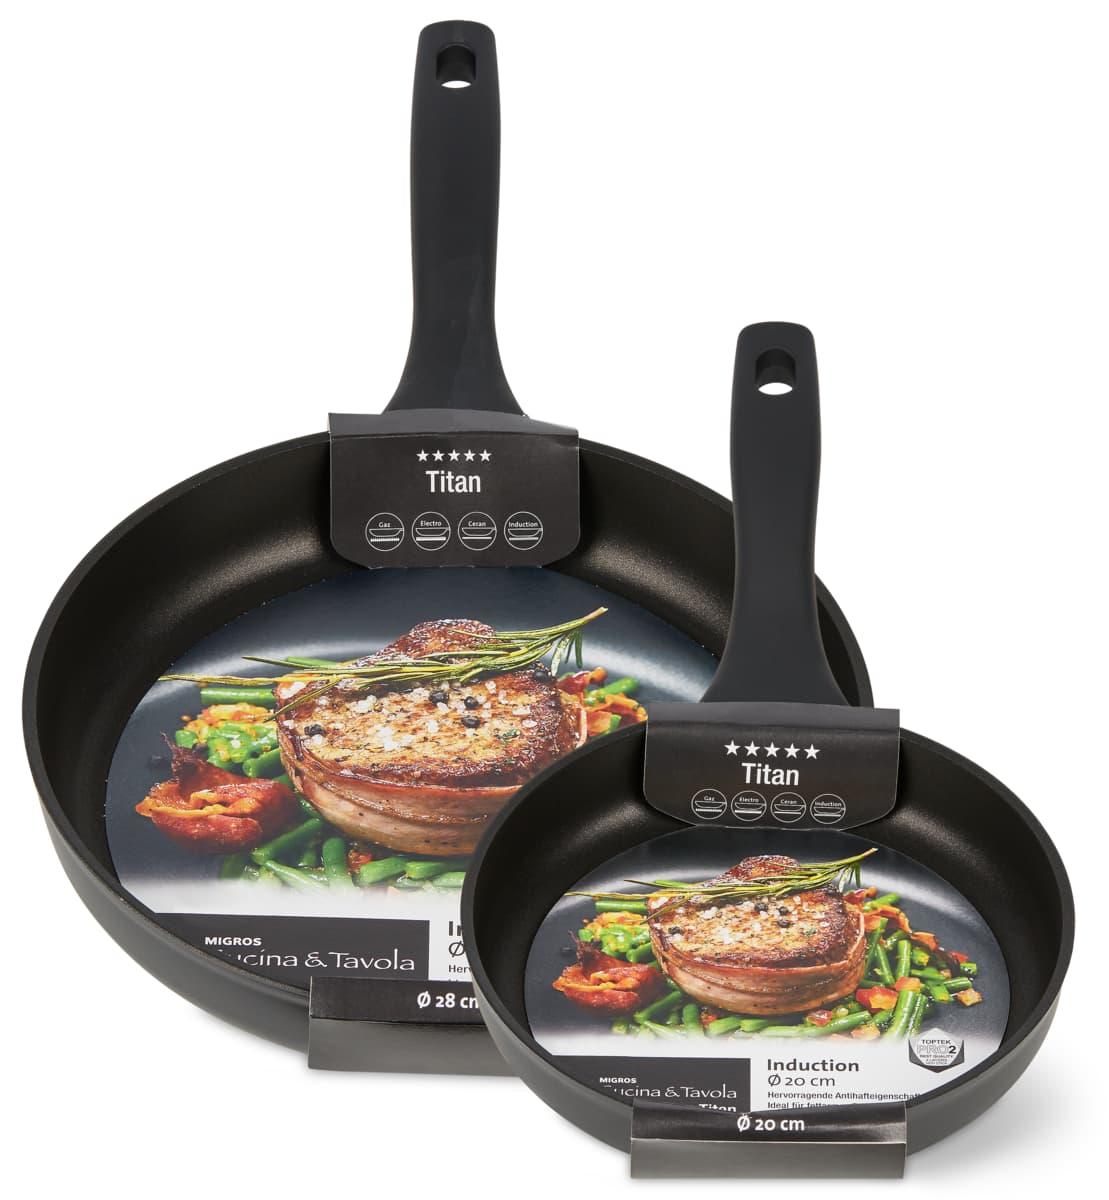 Cucina & Tavola Titan Bratpfannen im 2er-Set, 2er-Set